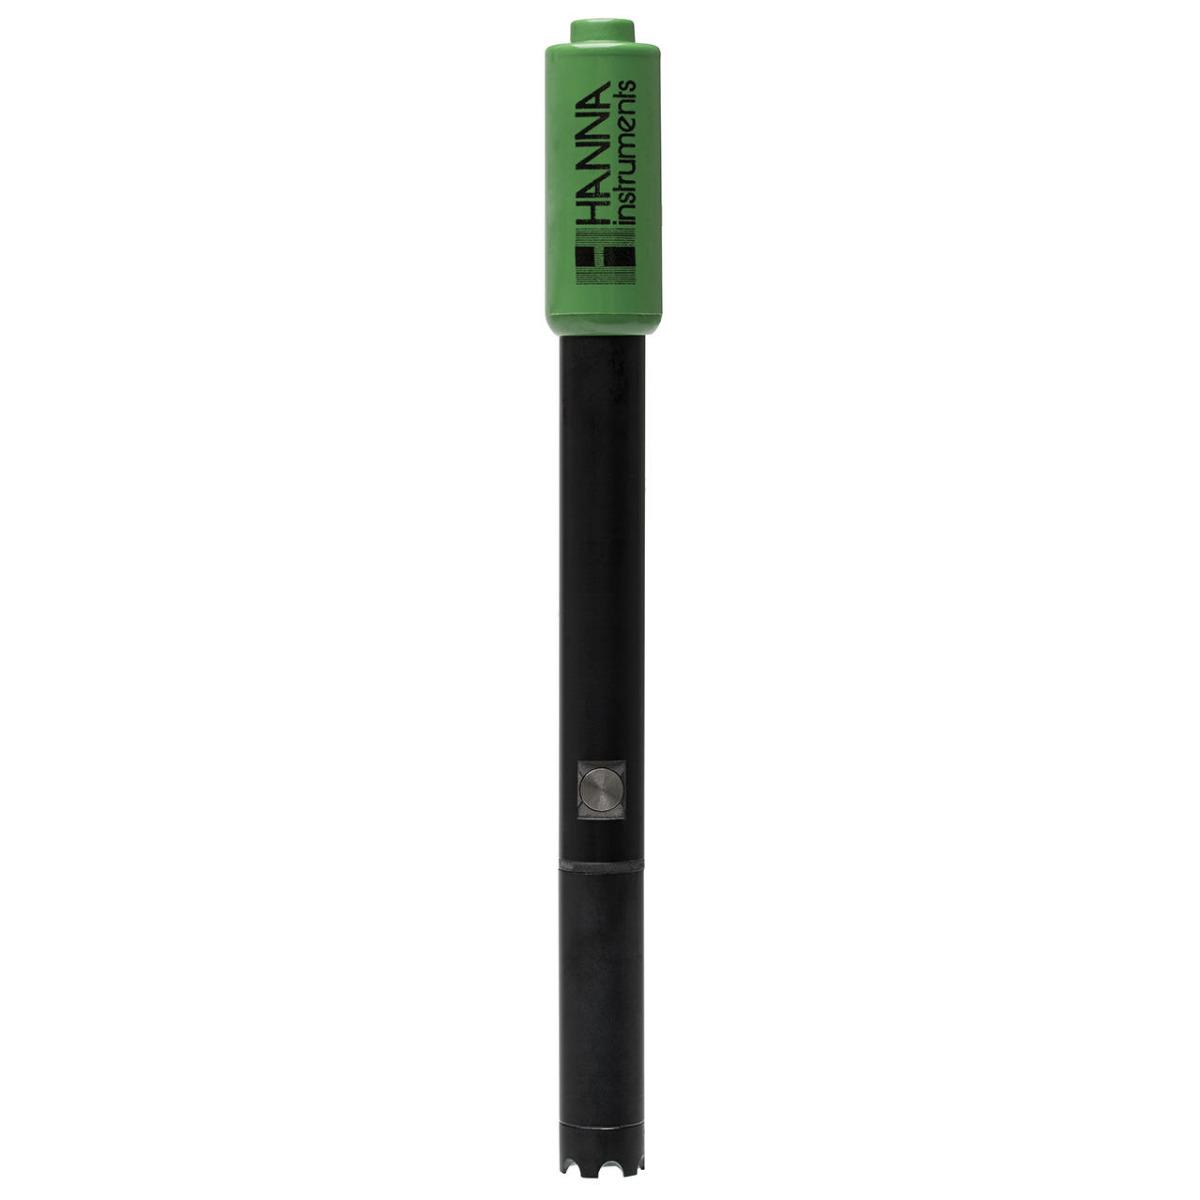 Laboratory-Grade Polarographic DO Probe with Built-In Temperature Sensor - HI76483